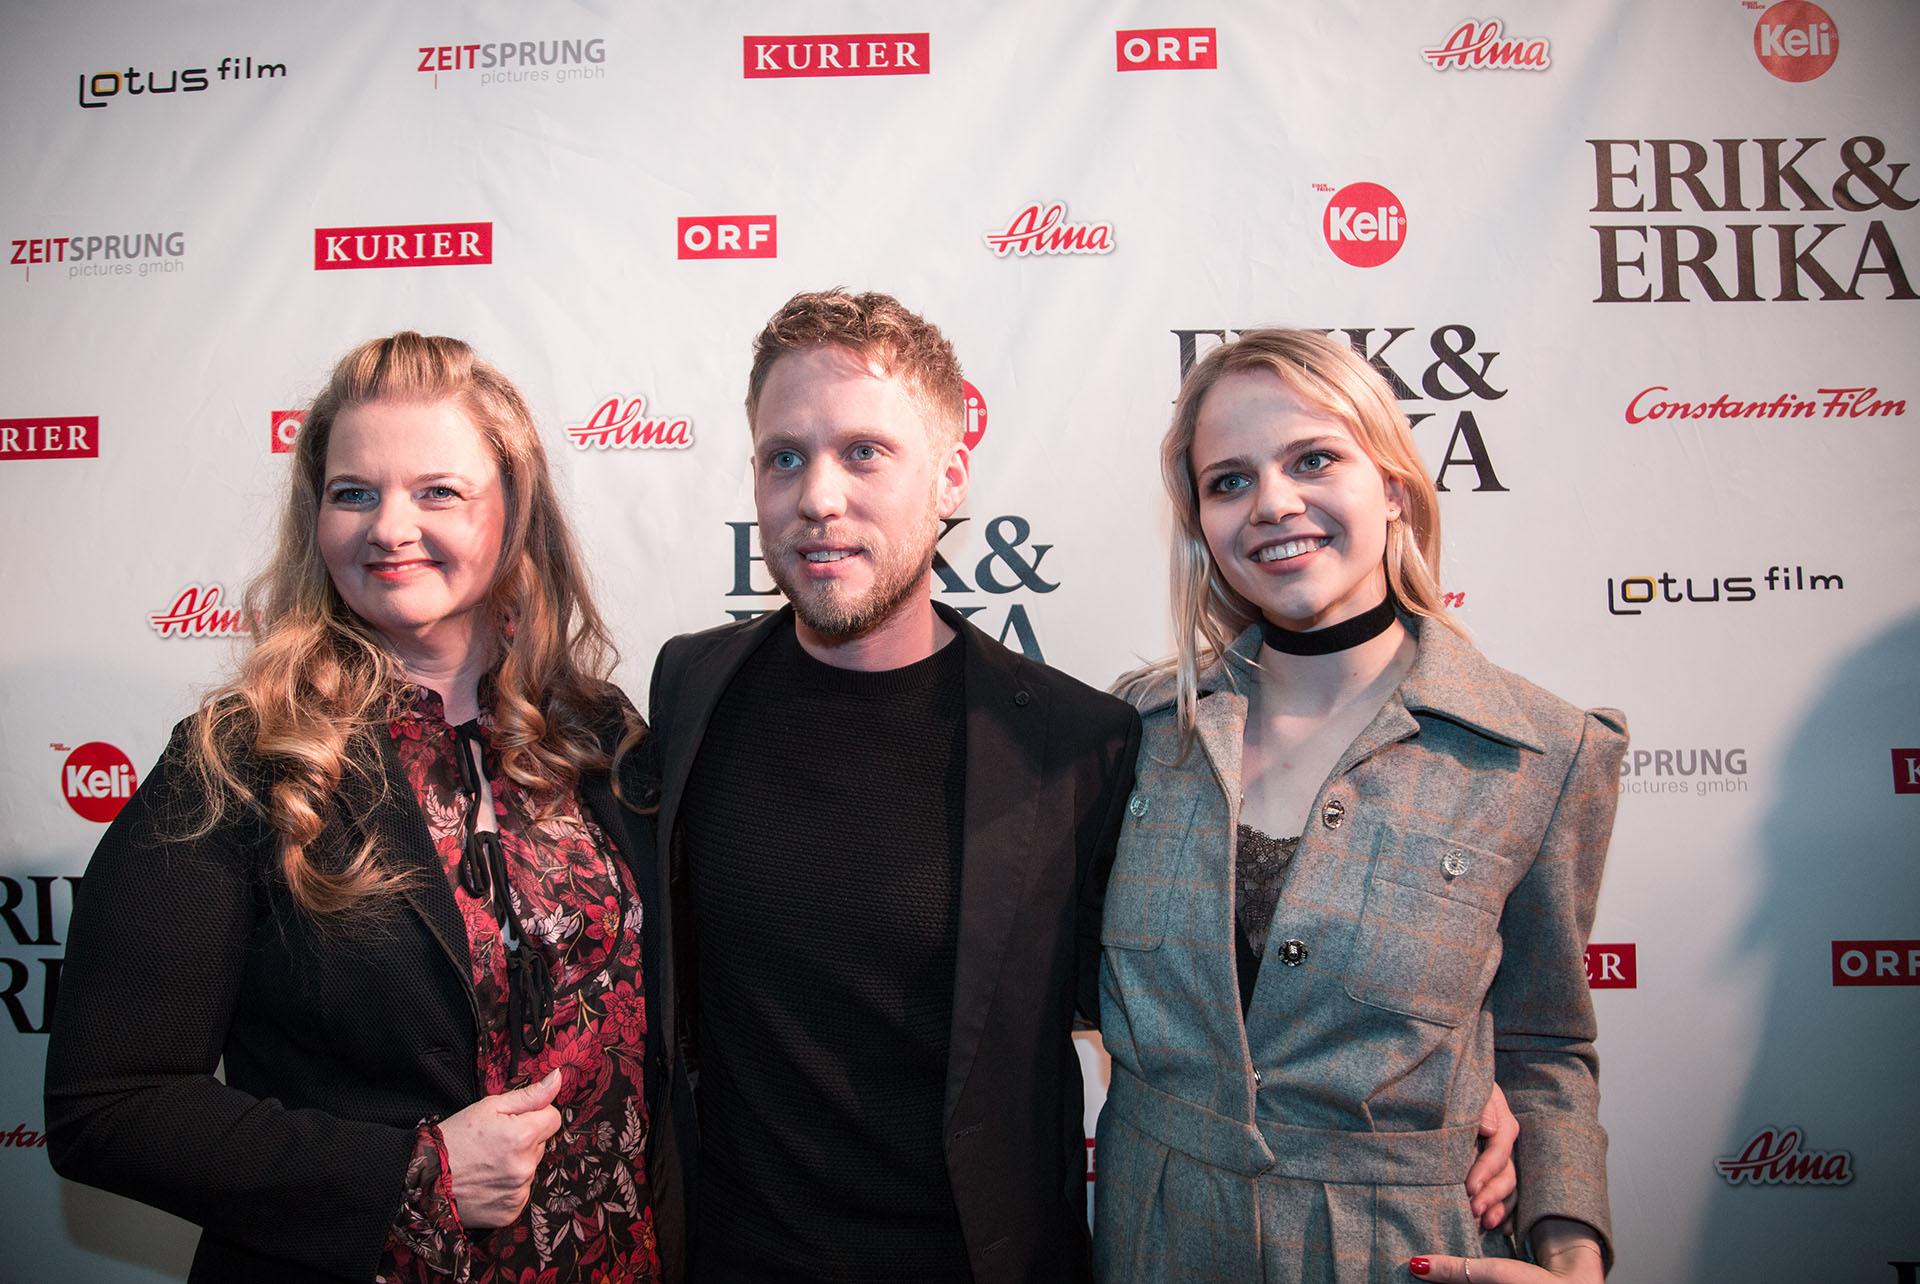 """Wien Premiere: """"Erik & Erika"""" am 28.02.18"""